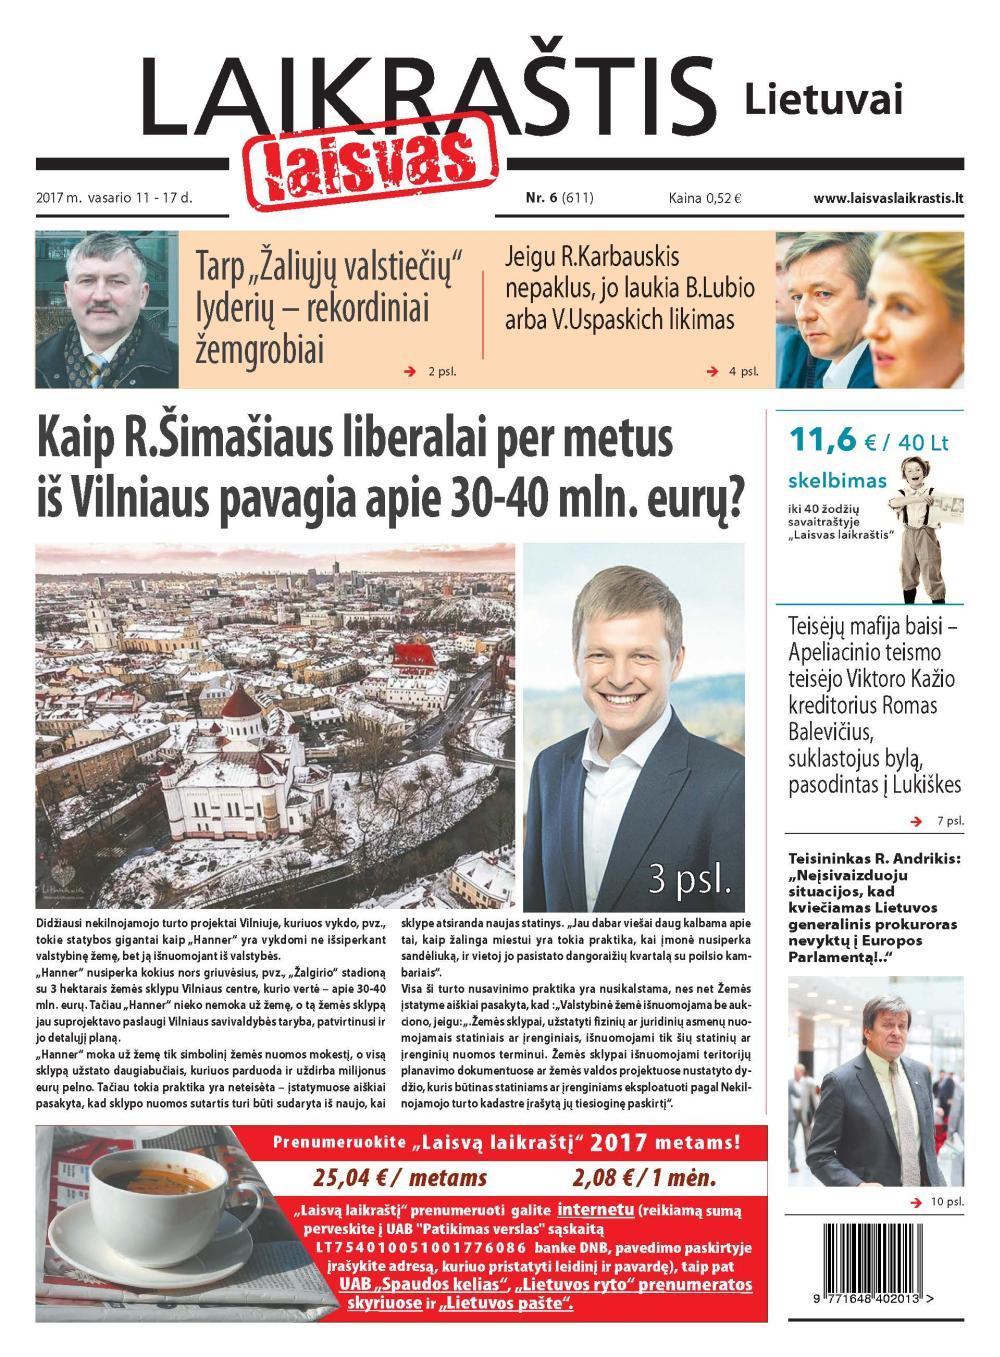 """R.Šimašius arbitražo teismą su """"Veolia"""" finansuoja privataus kapitalo fondas – jam pažadėta 26,5 mln. eurų premija"""